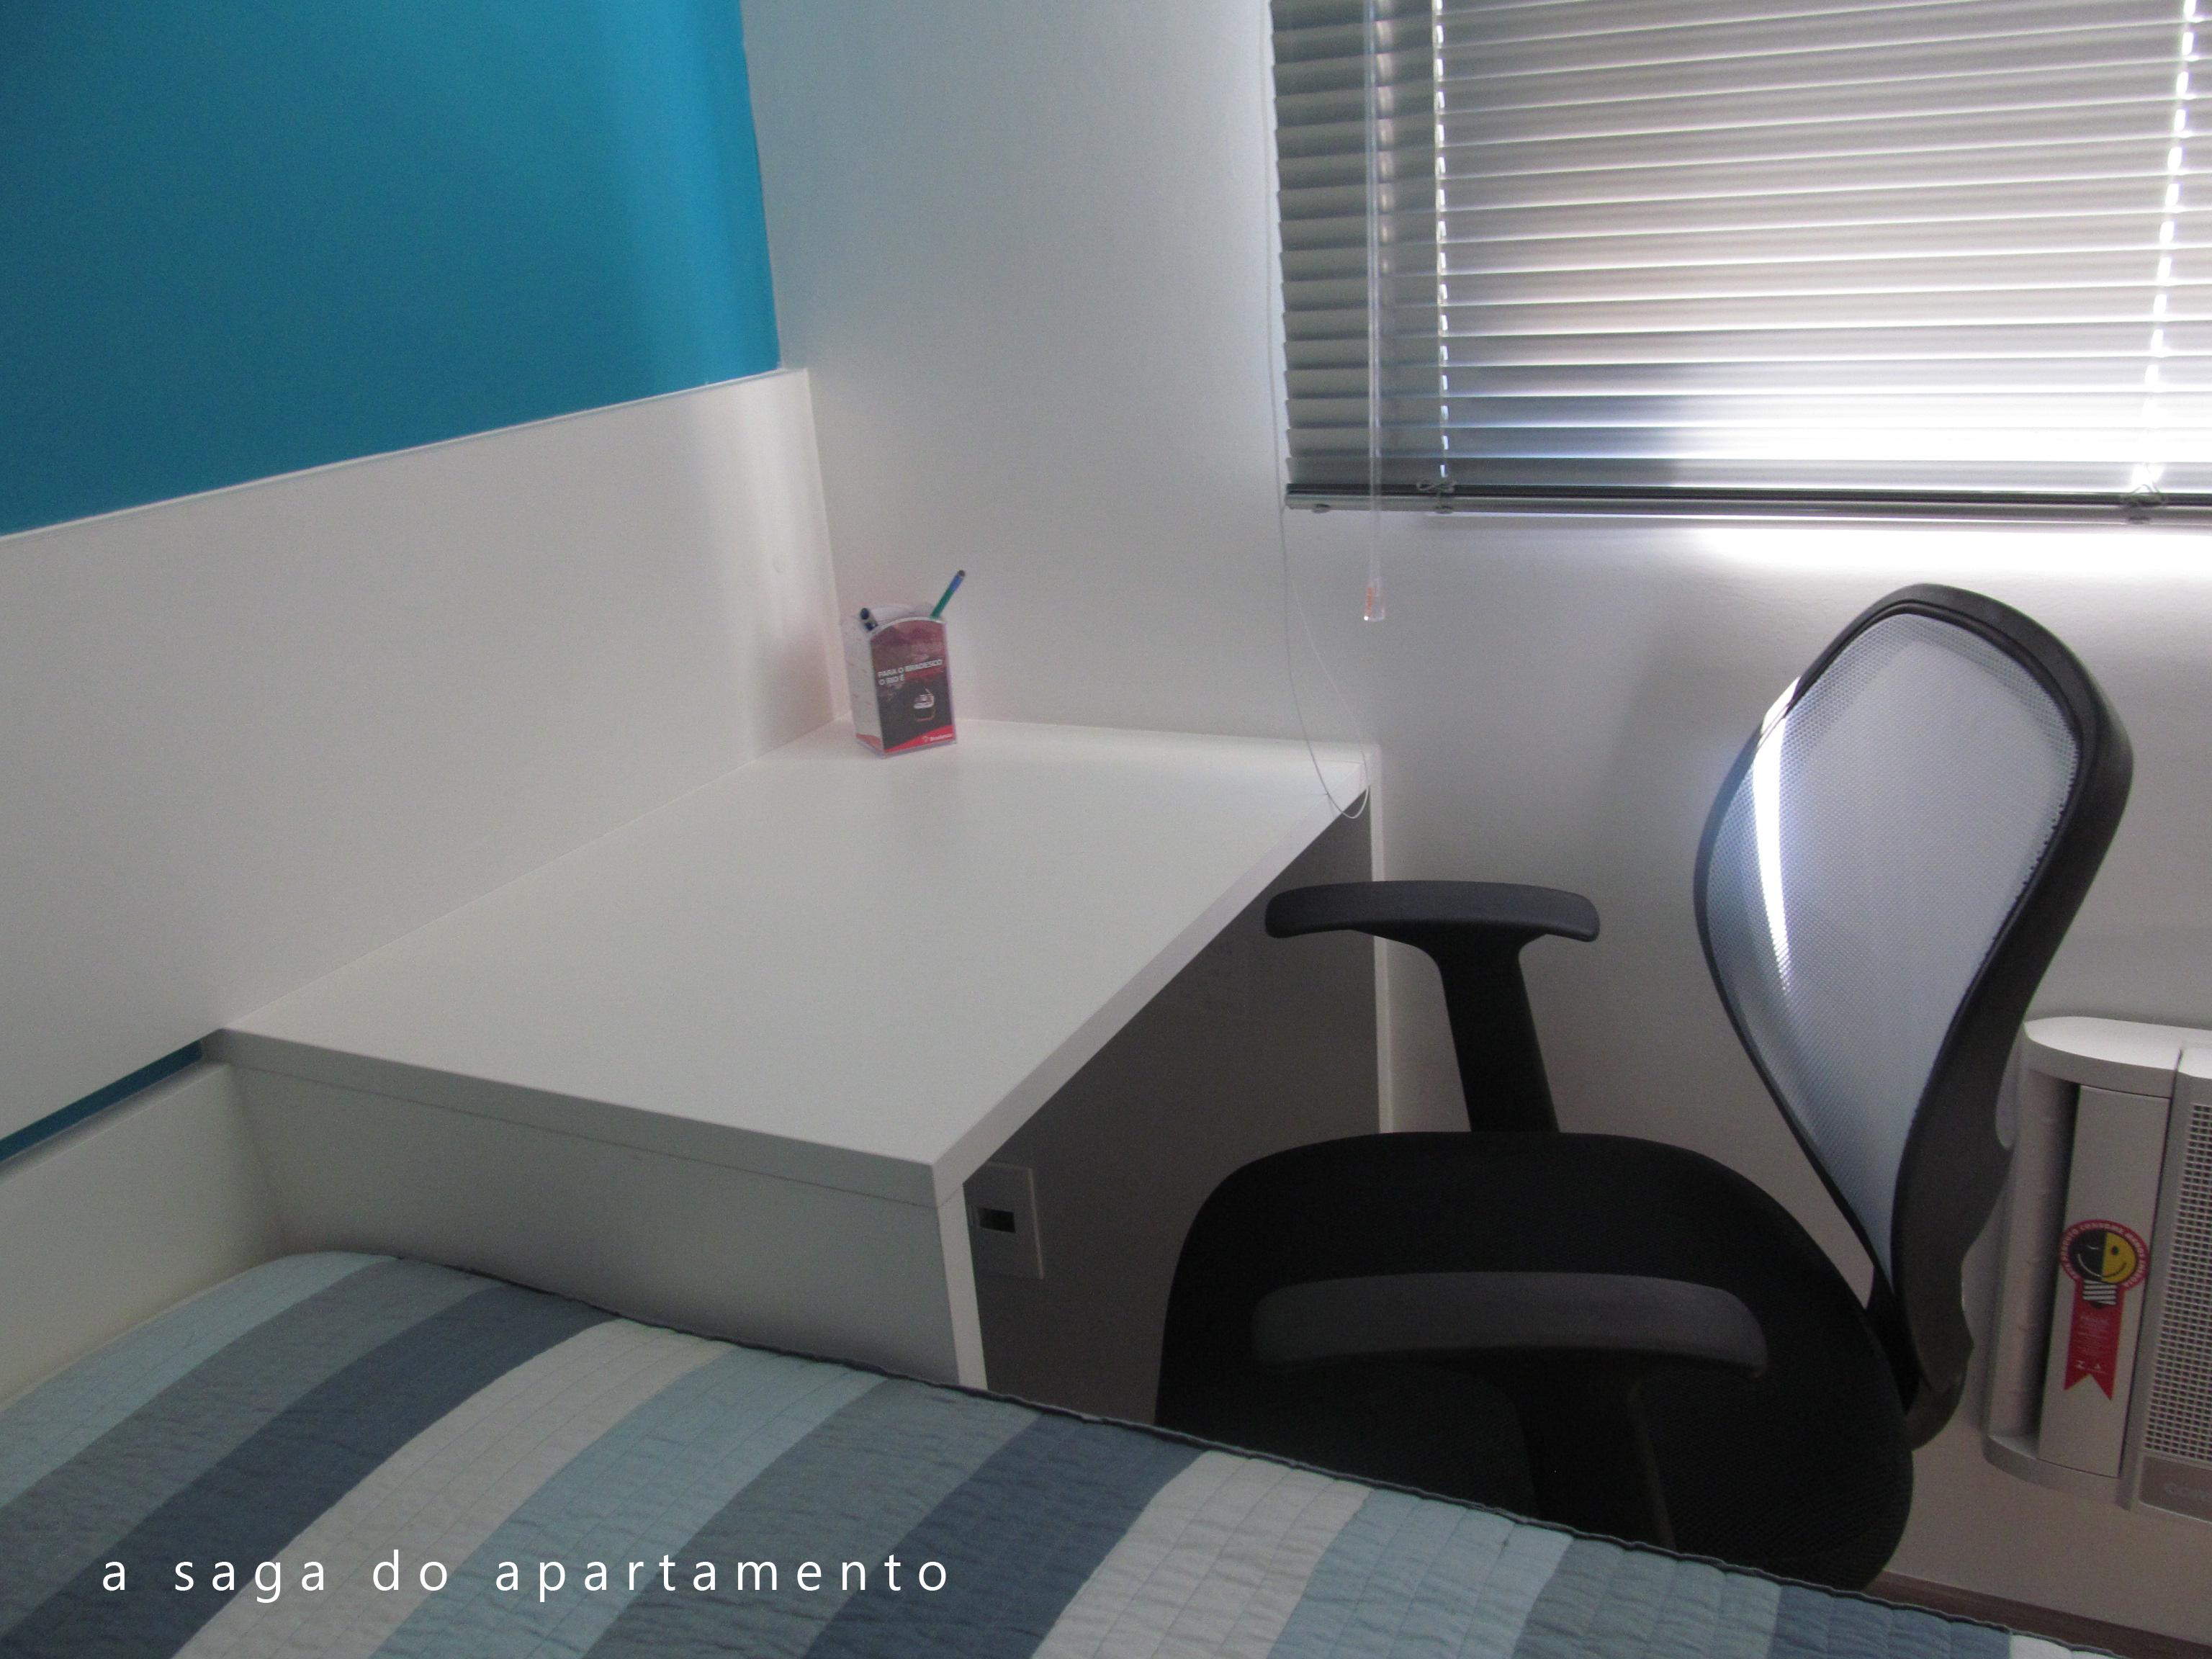 Escrivaninha Pequena A Saga Do Apartamento ~ Quarto De Solteiro Com Escrivaninha